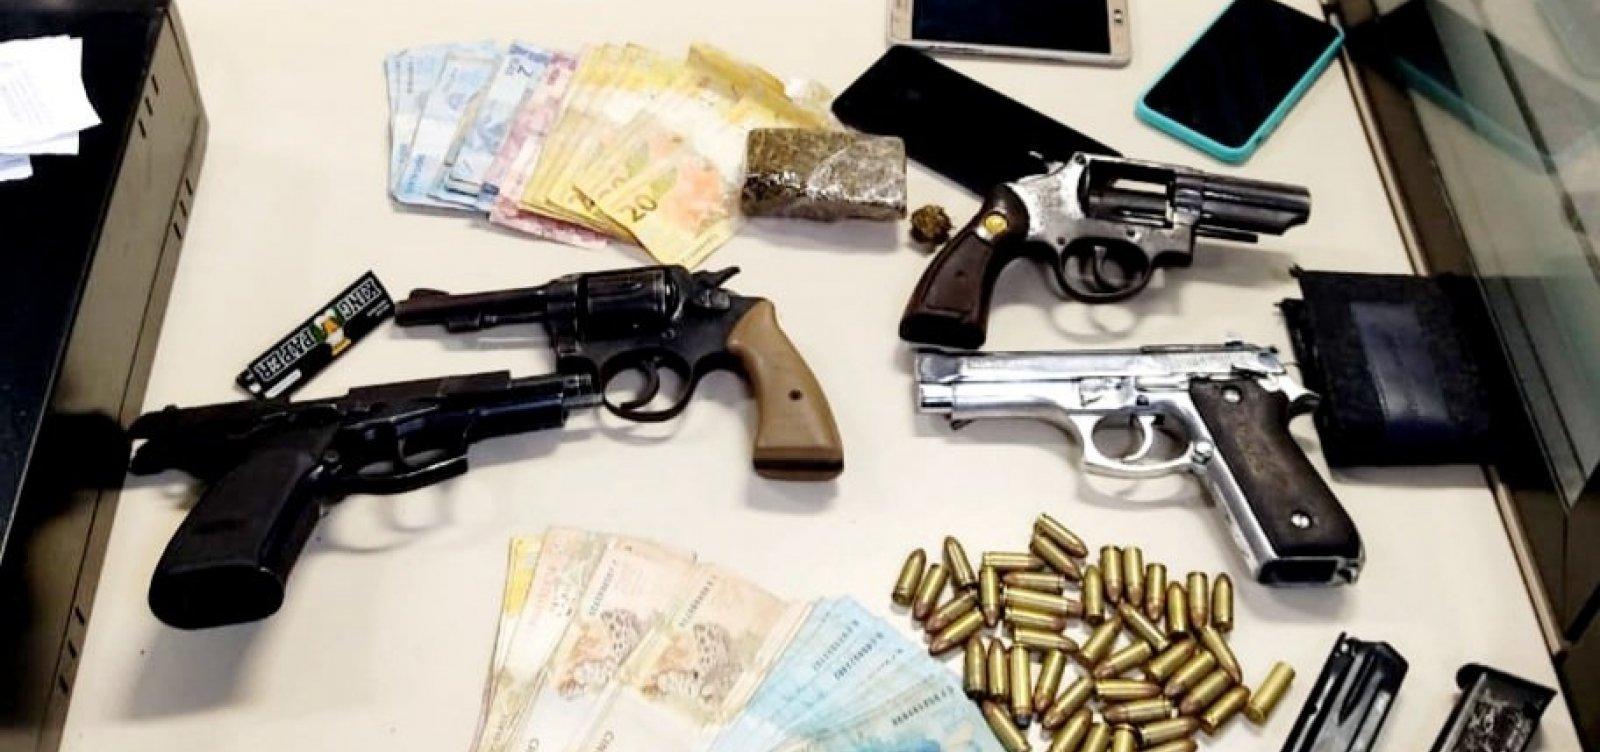 Operação da PM apreende dez armas, munições e drogas em Feira